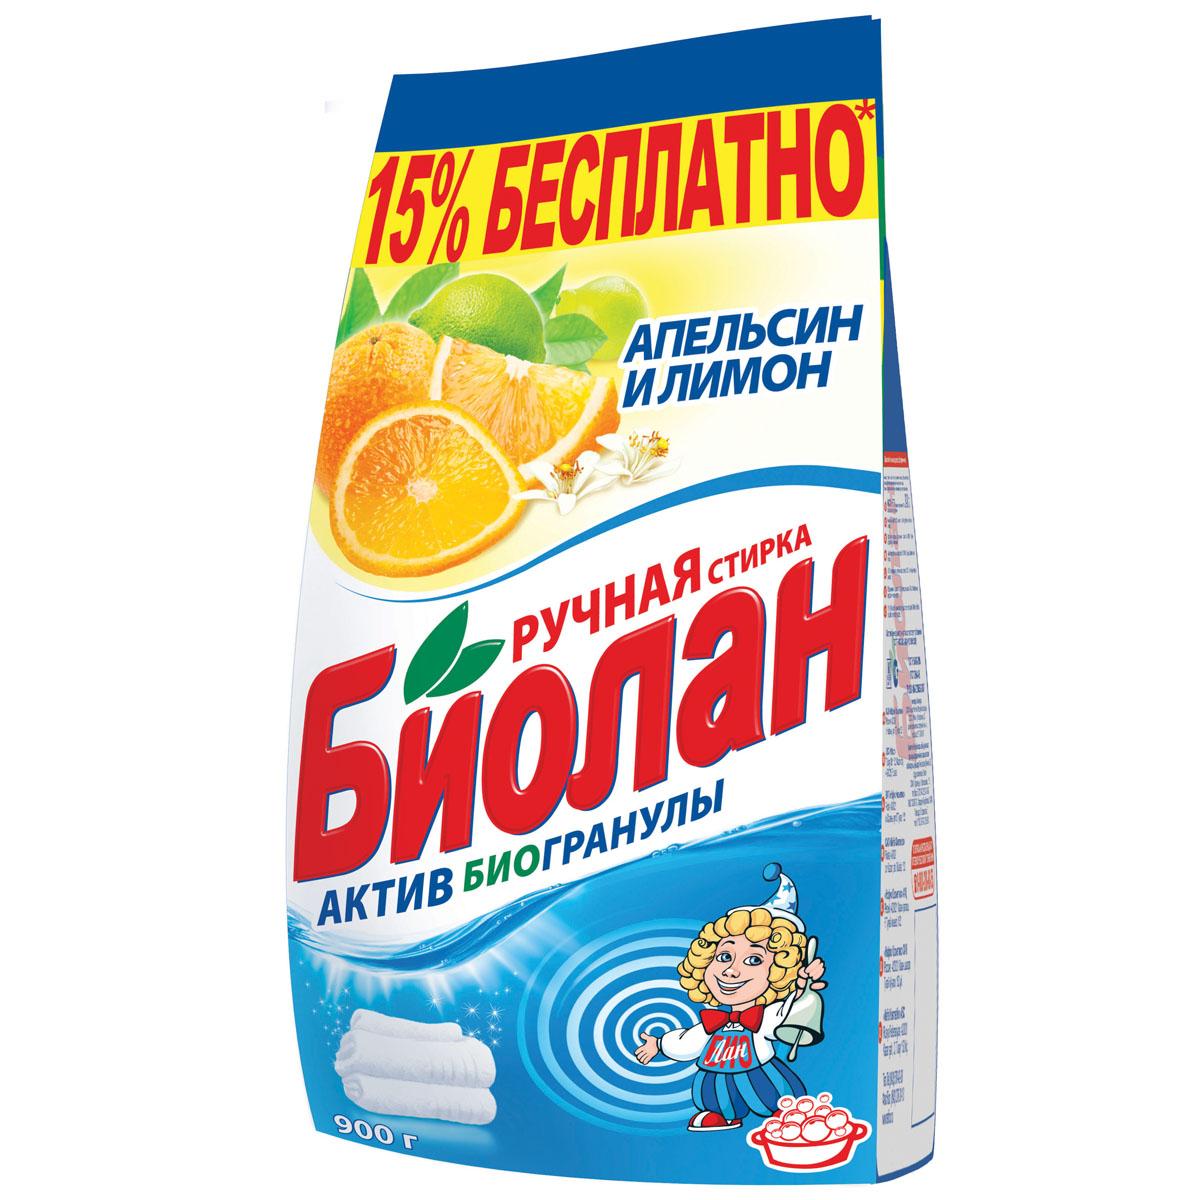 Стиральный порошок Биолан Апельсин и лимон, 900 г790009Стиральный порошок Биолан Апельсин и лимон предназначен для стирки, замачивания изделий из хлопчатобумажных, льняных, синтетических тканей, а также тканей из смешанных волокон в стиральных машинах активаторного типа и ручной стирки, для влажной уборки помещений и мытья загрязненных поверхностей из пластика и кафеля. Порошок не предназначен для стирки изделий из шерсти и натурального шелка. Характеристики: Вес: 900 г. Артикул: 52-4. Товар сертифицирован.